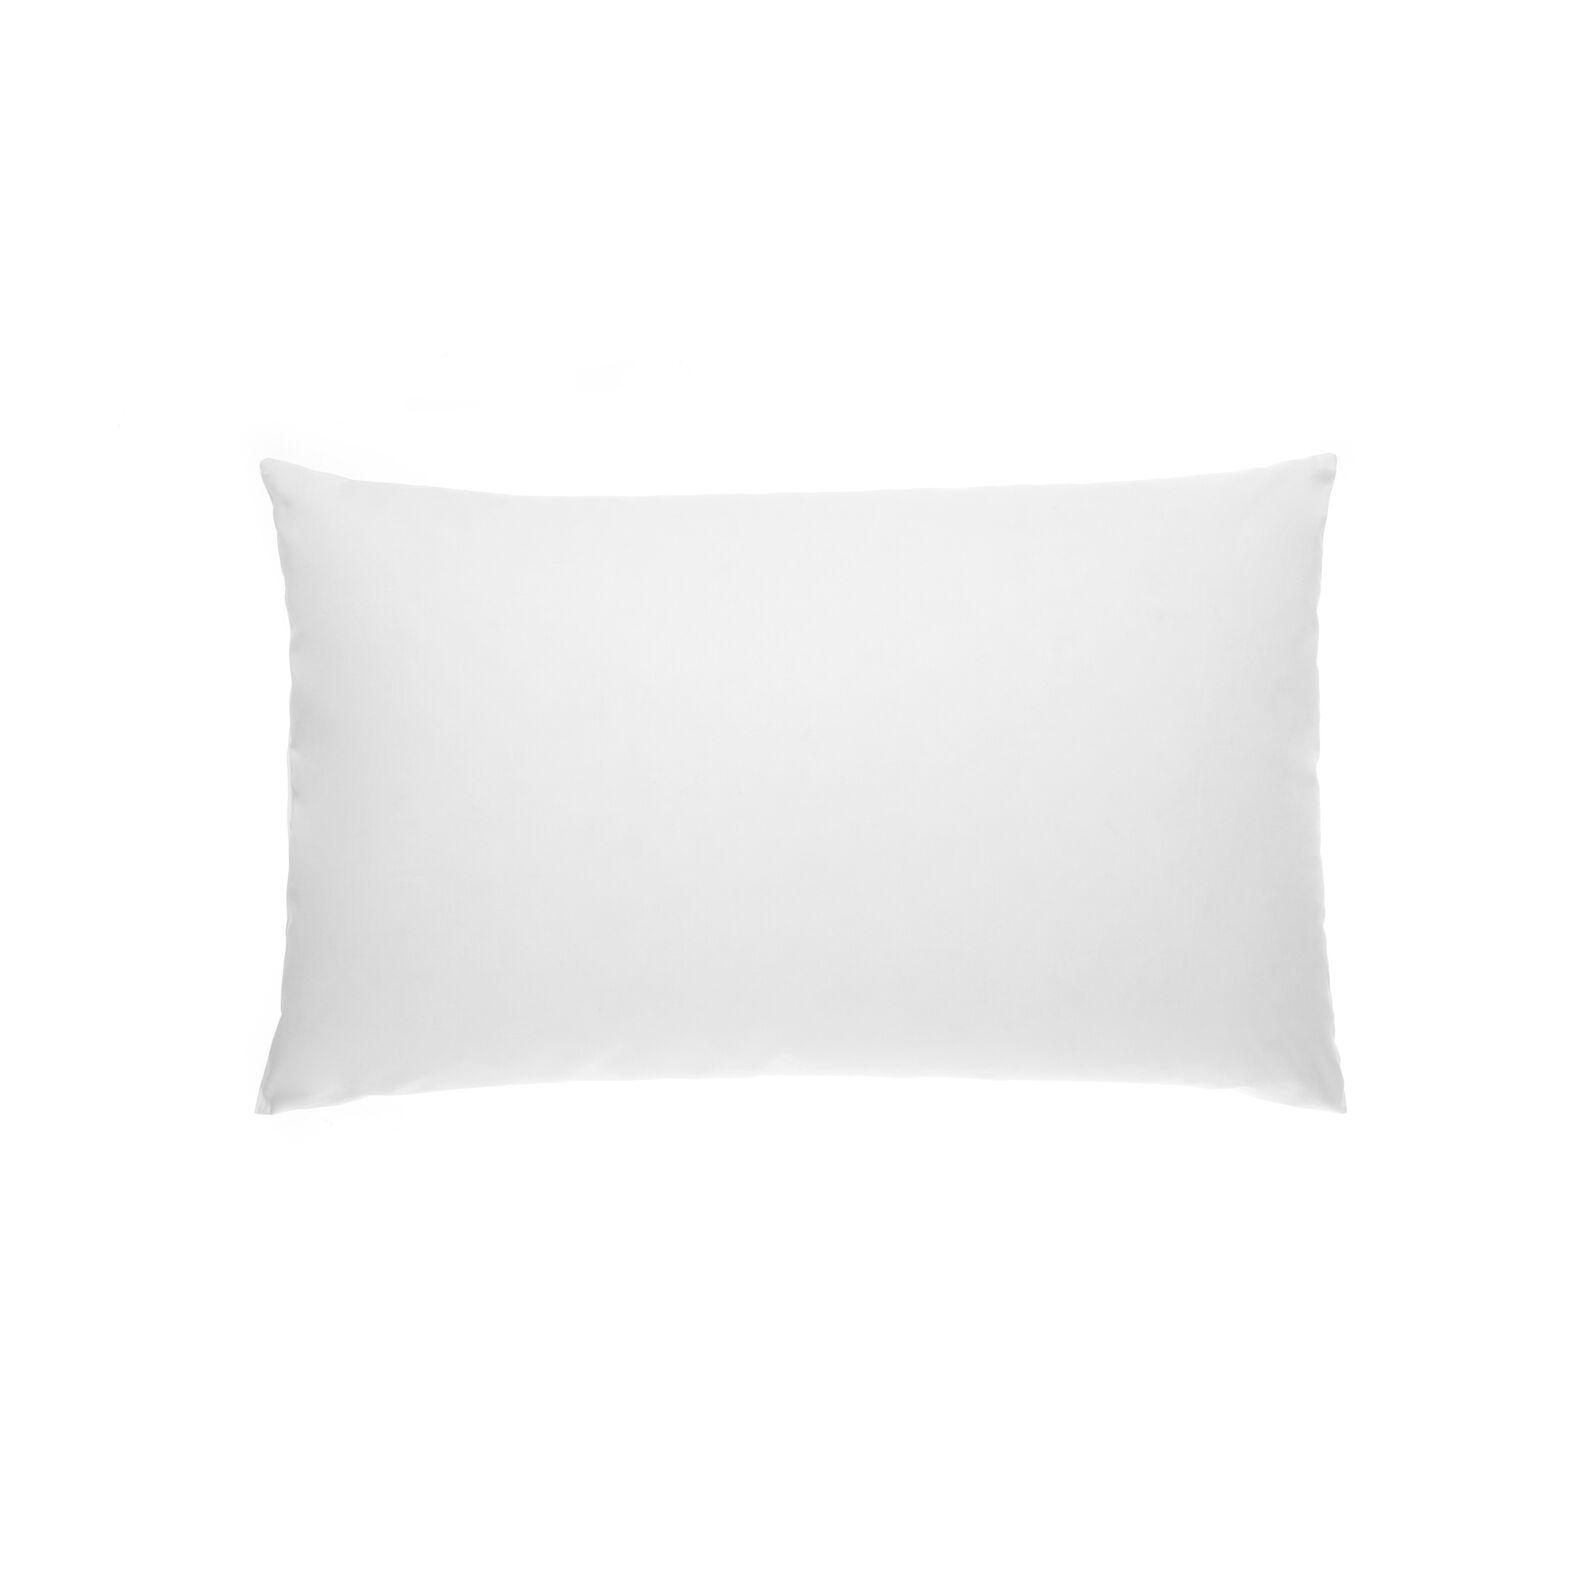 Smeraldo feather pillow